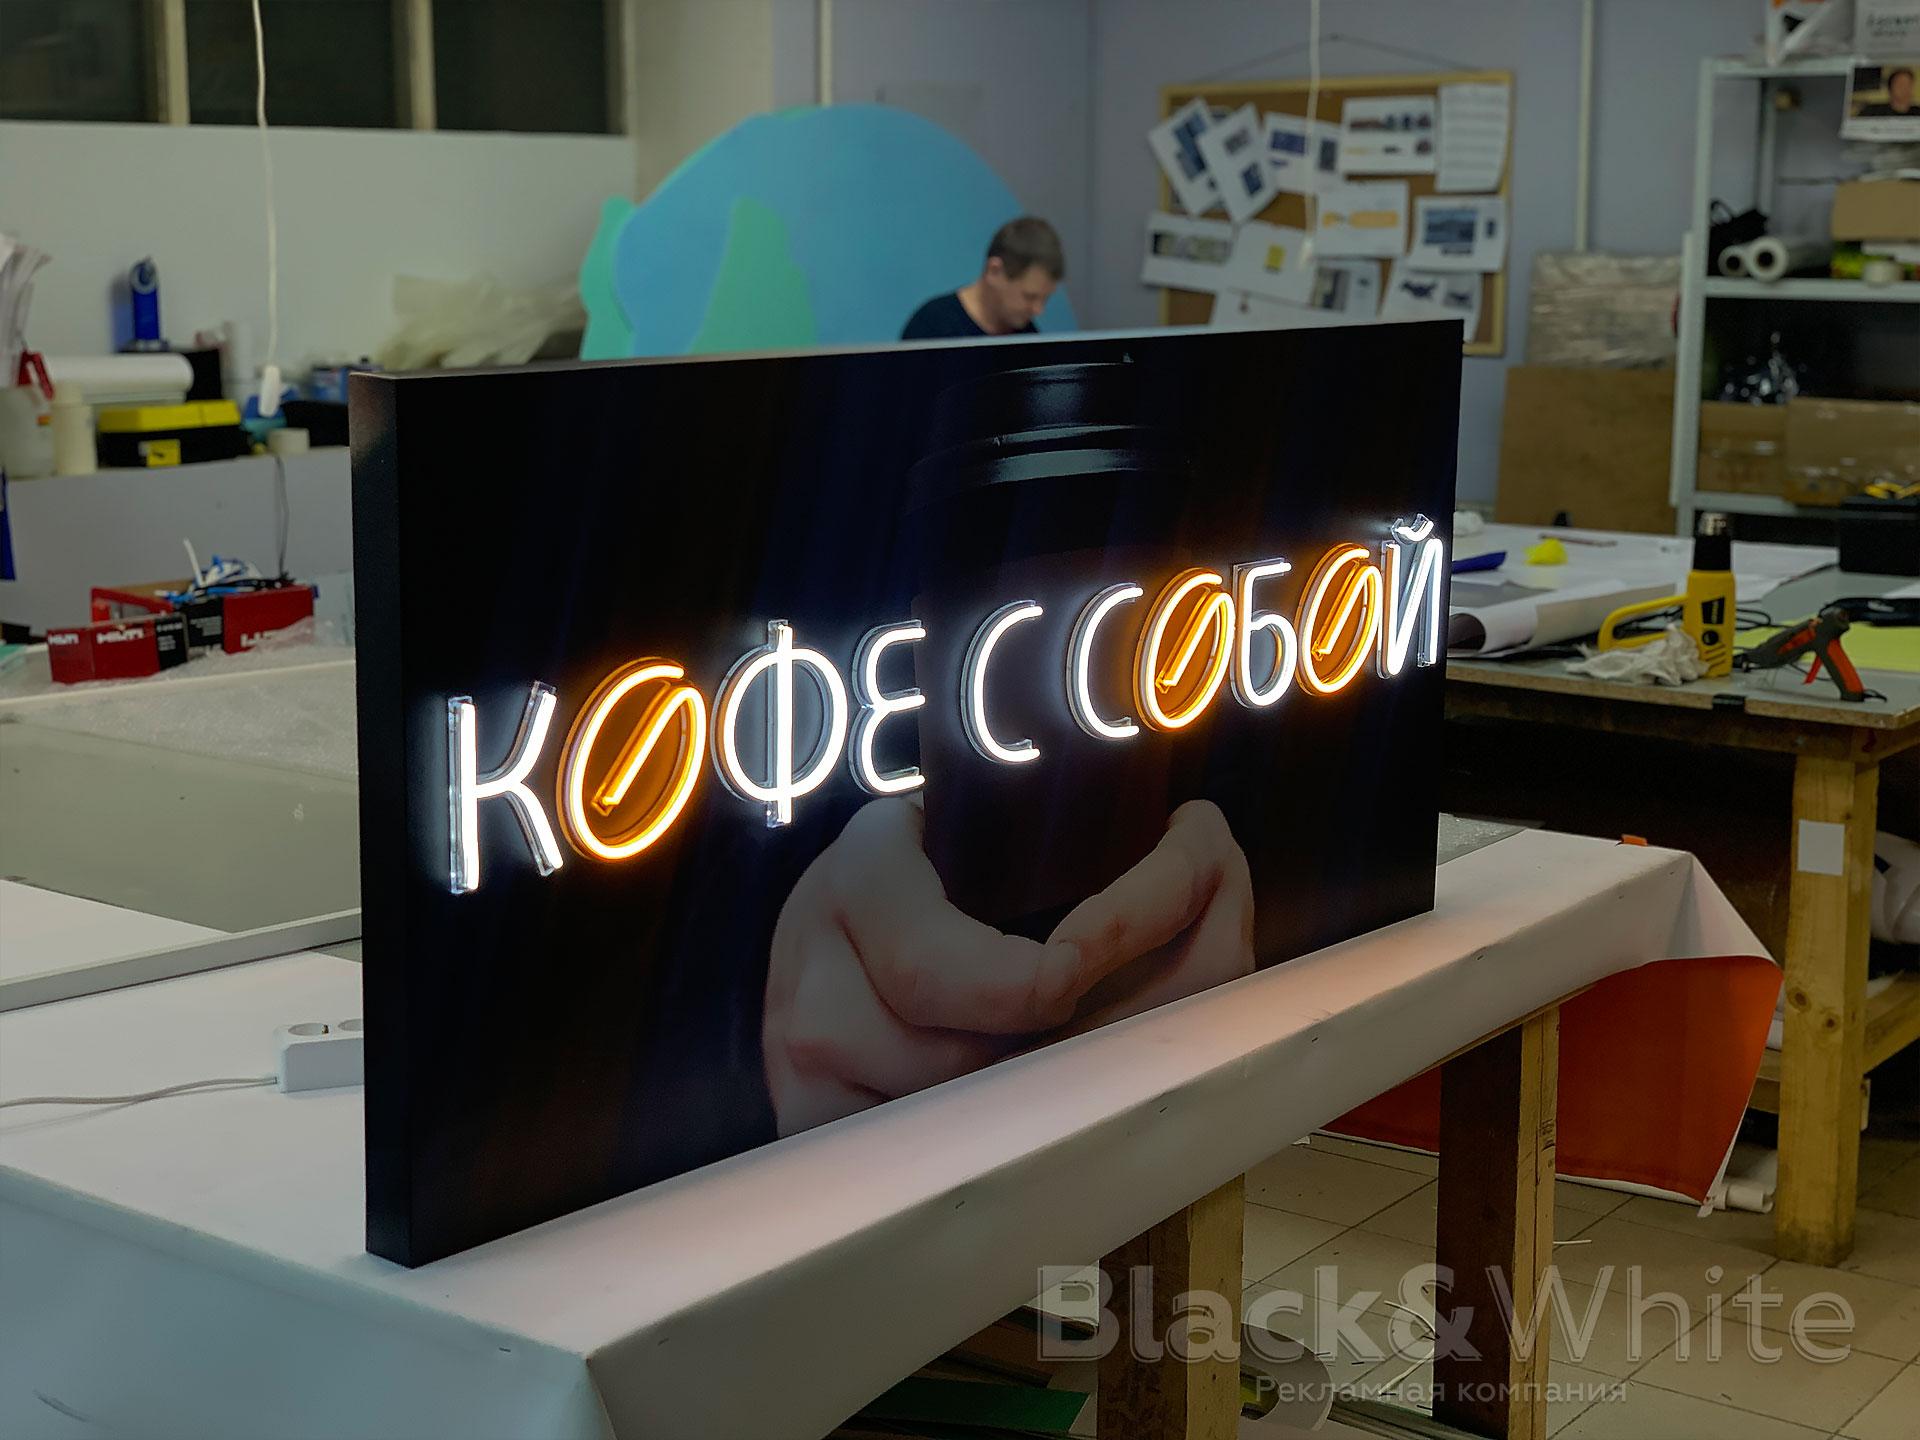 Неоновая-вывеска-Кофе-с-собой-в-Красноярске.jpg